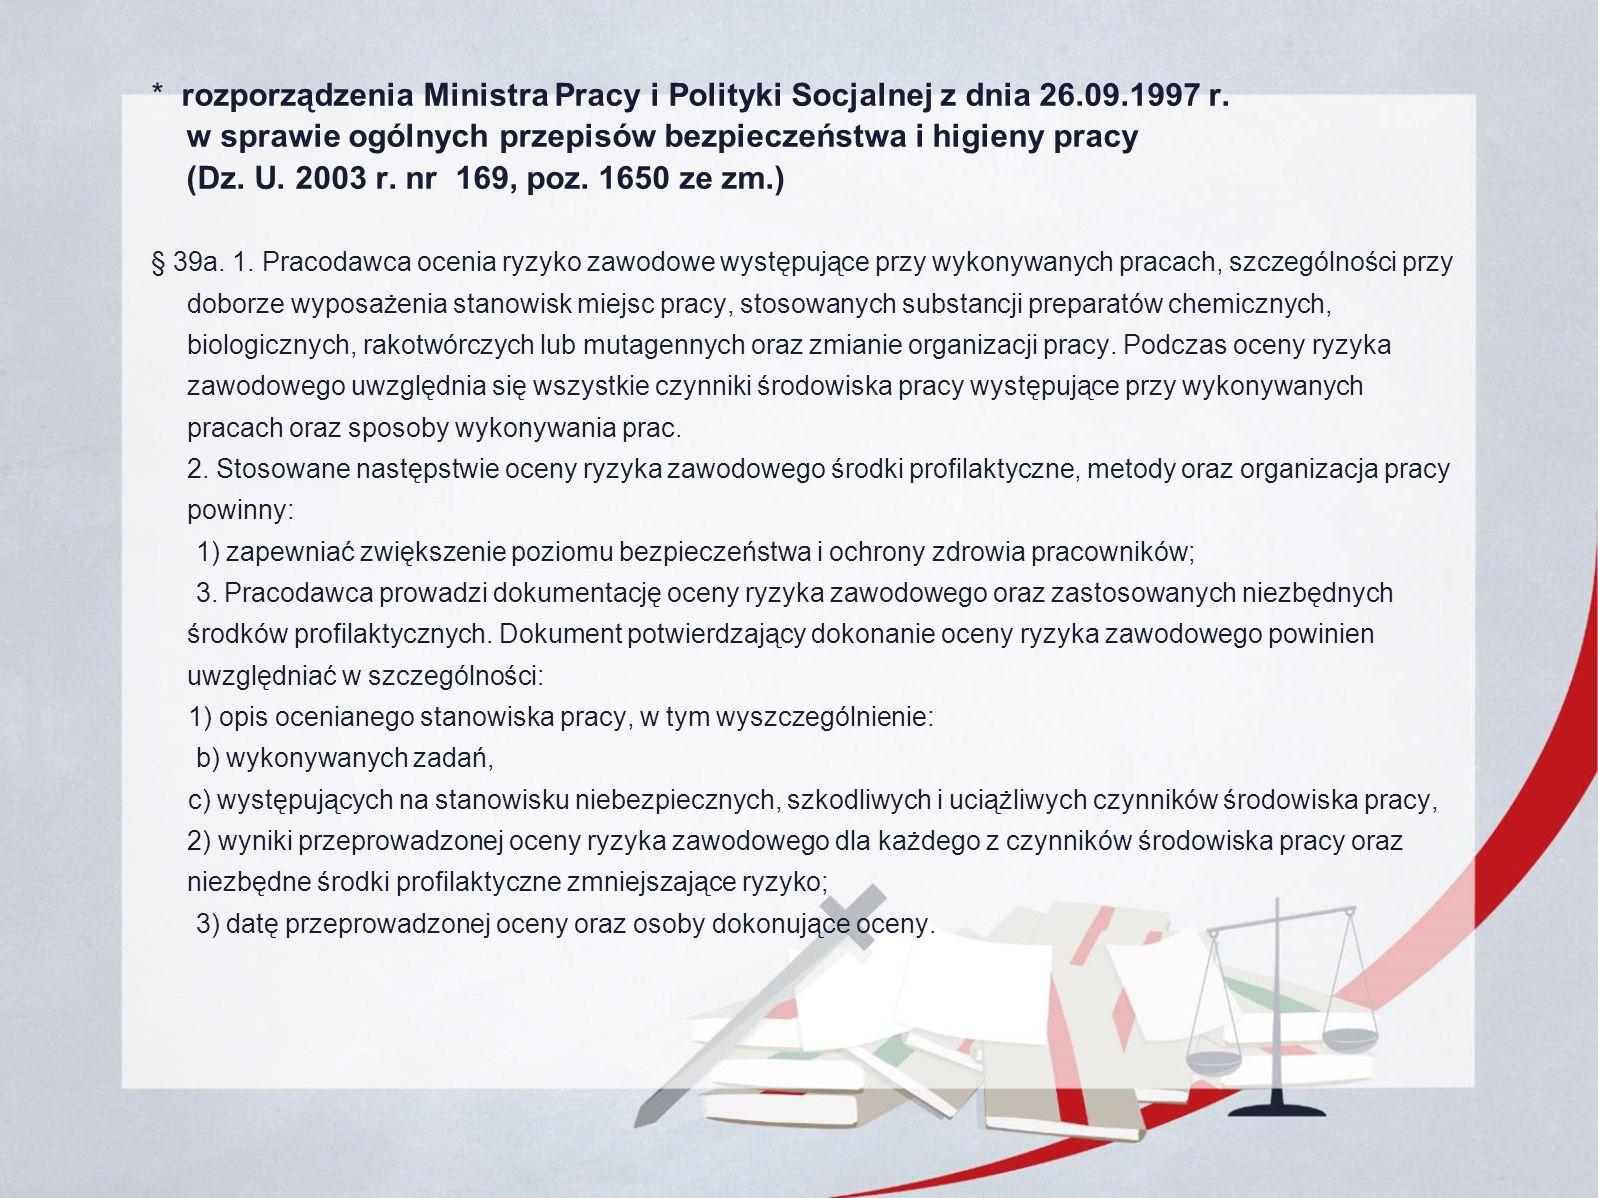 * rozporządzenia Ministra Pracy i Polityki Socjalnej z dnia 26.09.1997 r.